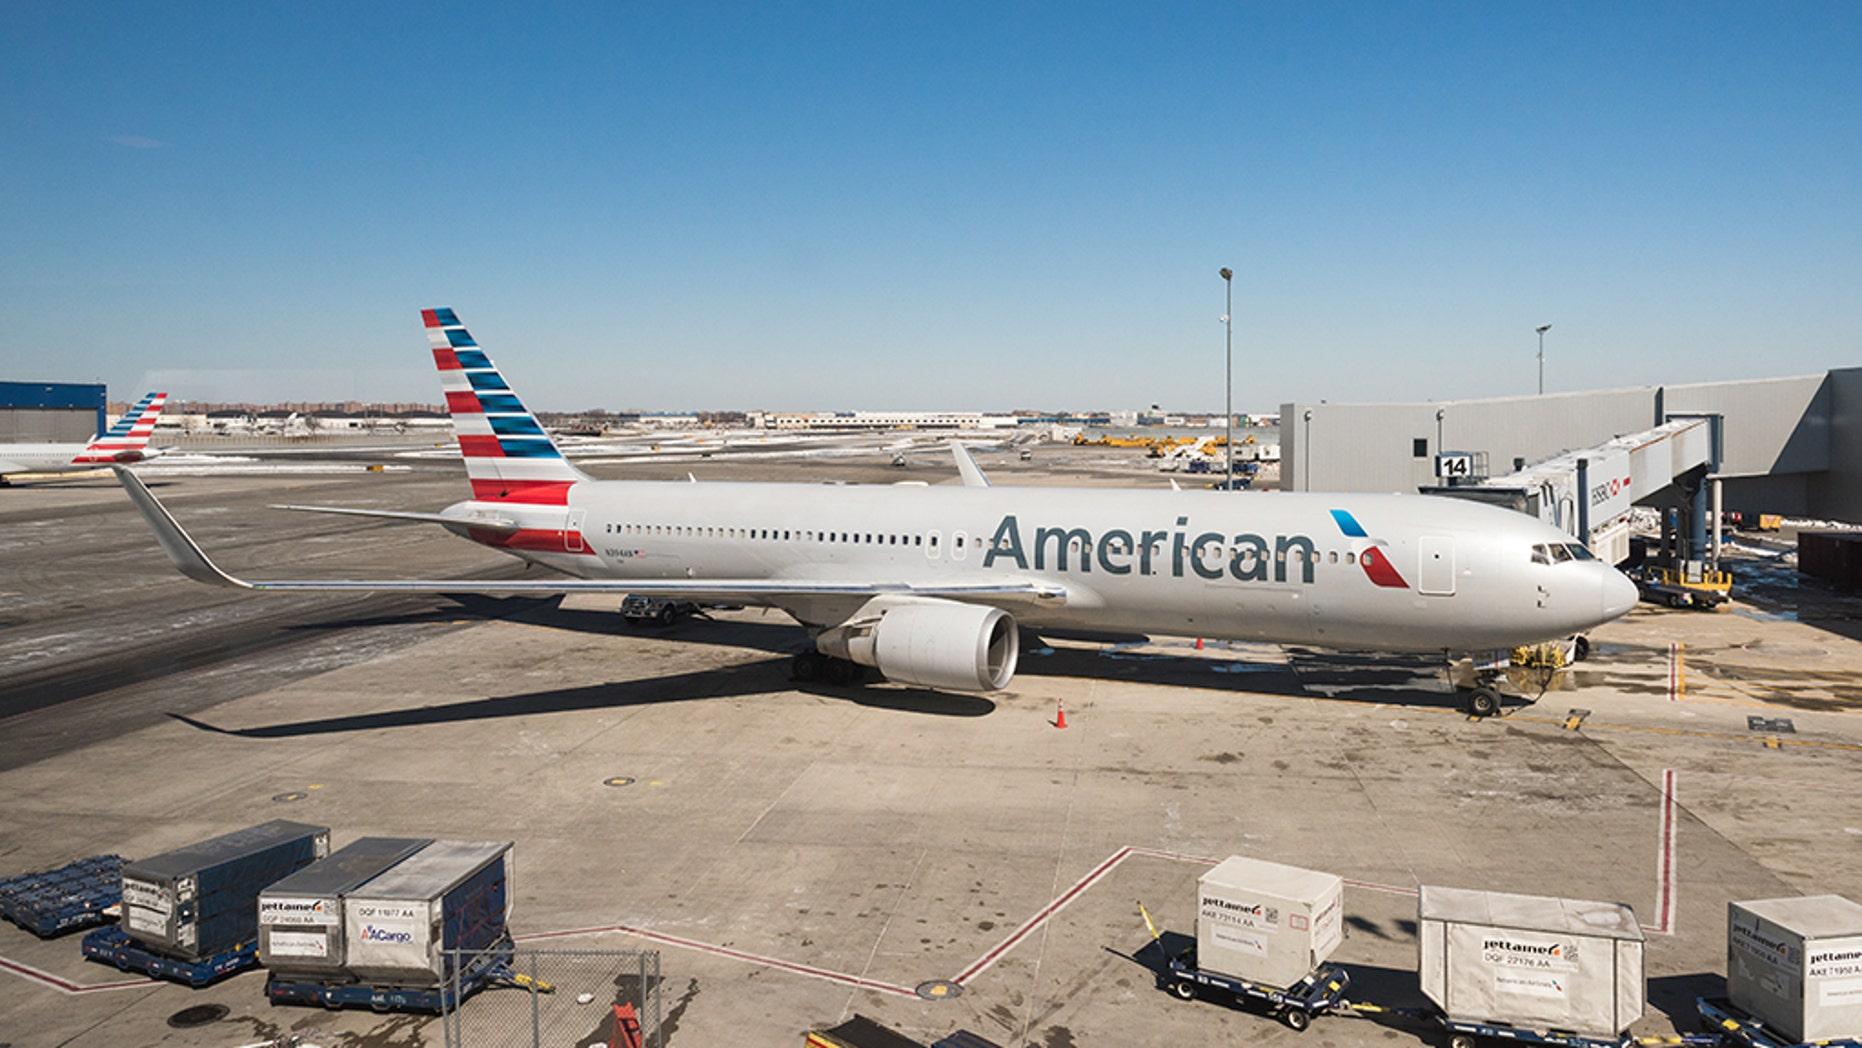 American Airlines Baggage Handler Falls Asleep In Belly Of